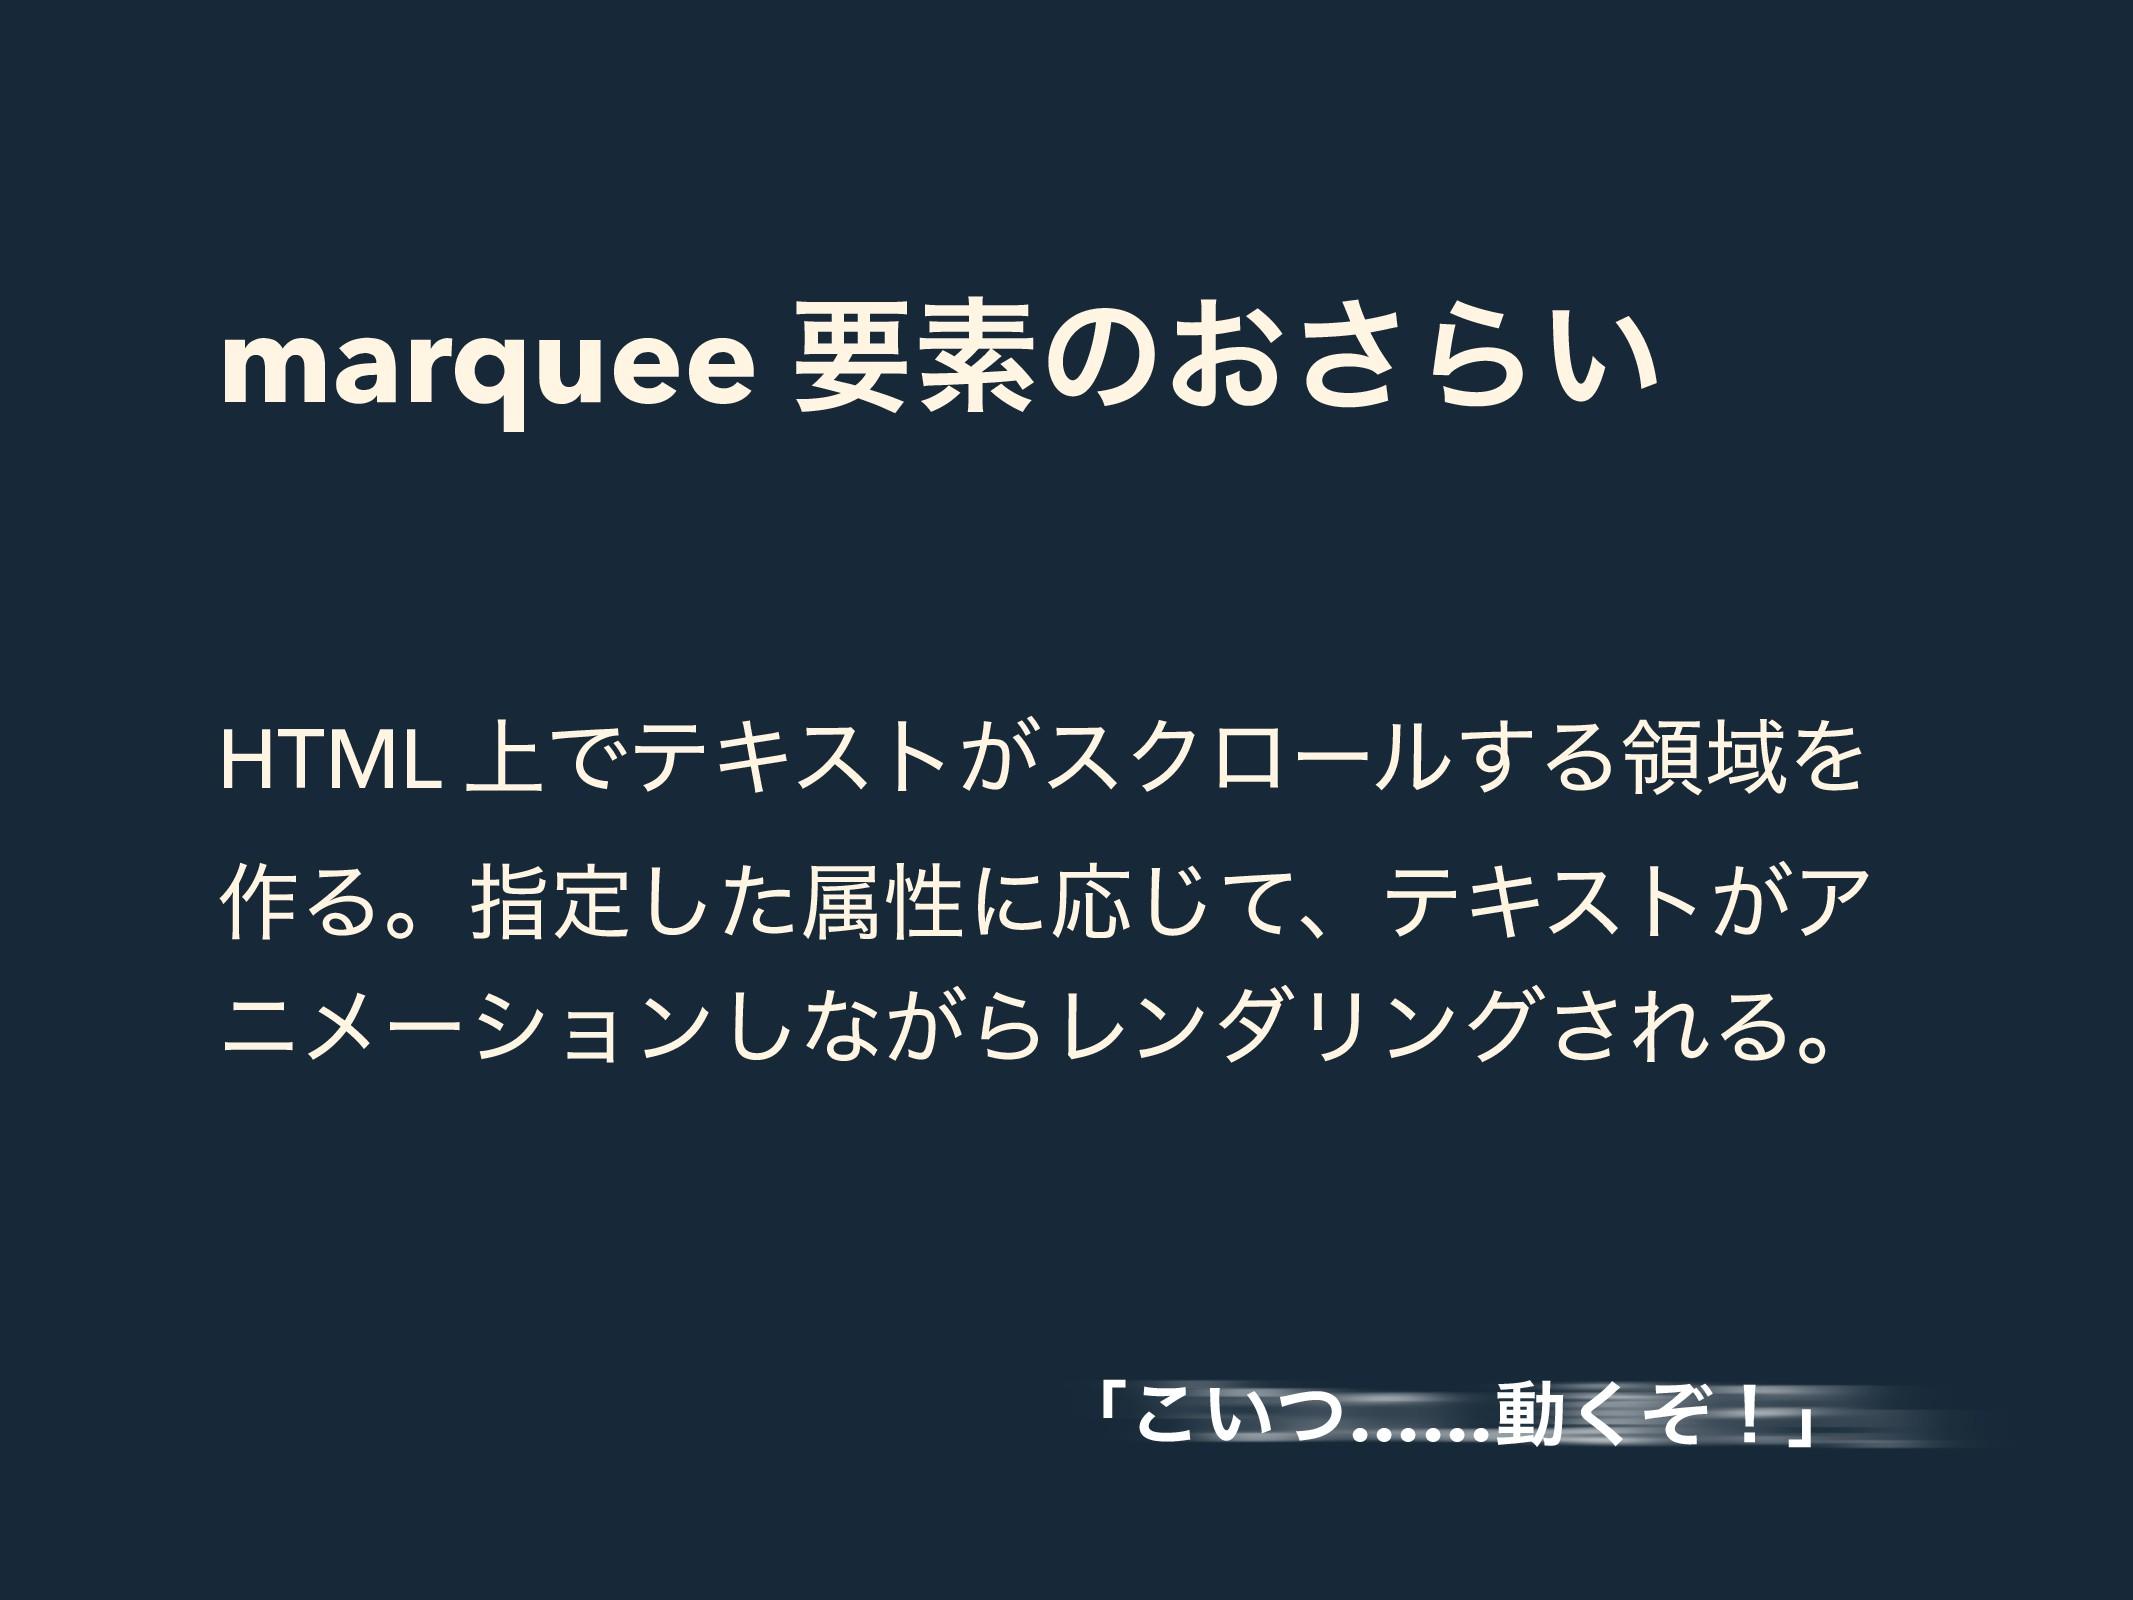 marquee ཁૉͷ͓͞Β͍ HTML ্ͰςΩετ͕εΫϩʔϧ͢ΔྖҬΛ ࡞Δɻࢦఆͨ͠ଐ...